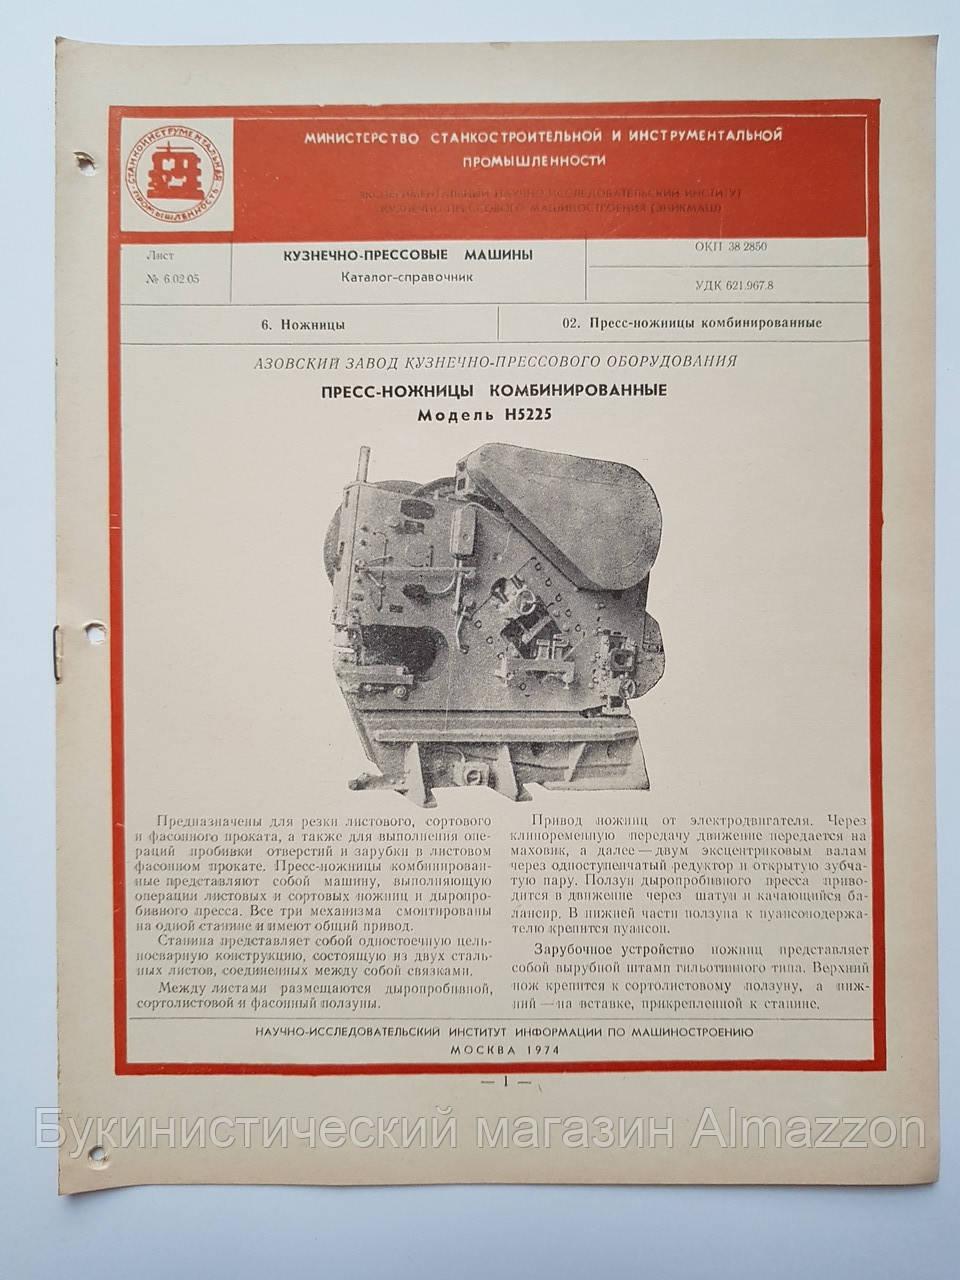 Журнал (Бюллетень) Пресс-ножницы комбинированные Н5225   06.02.05